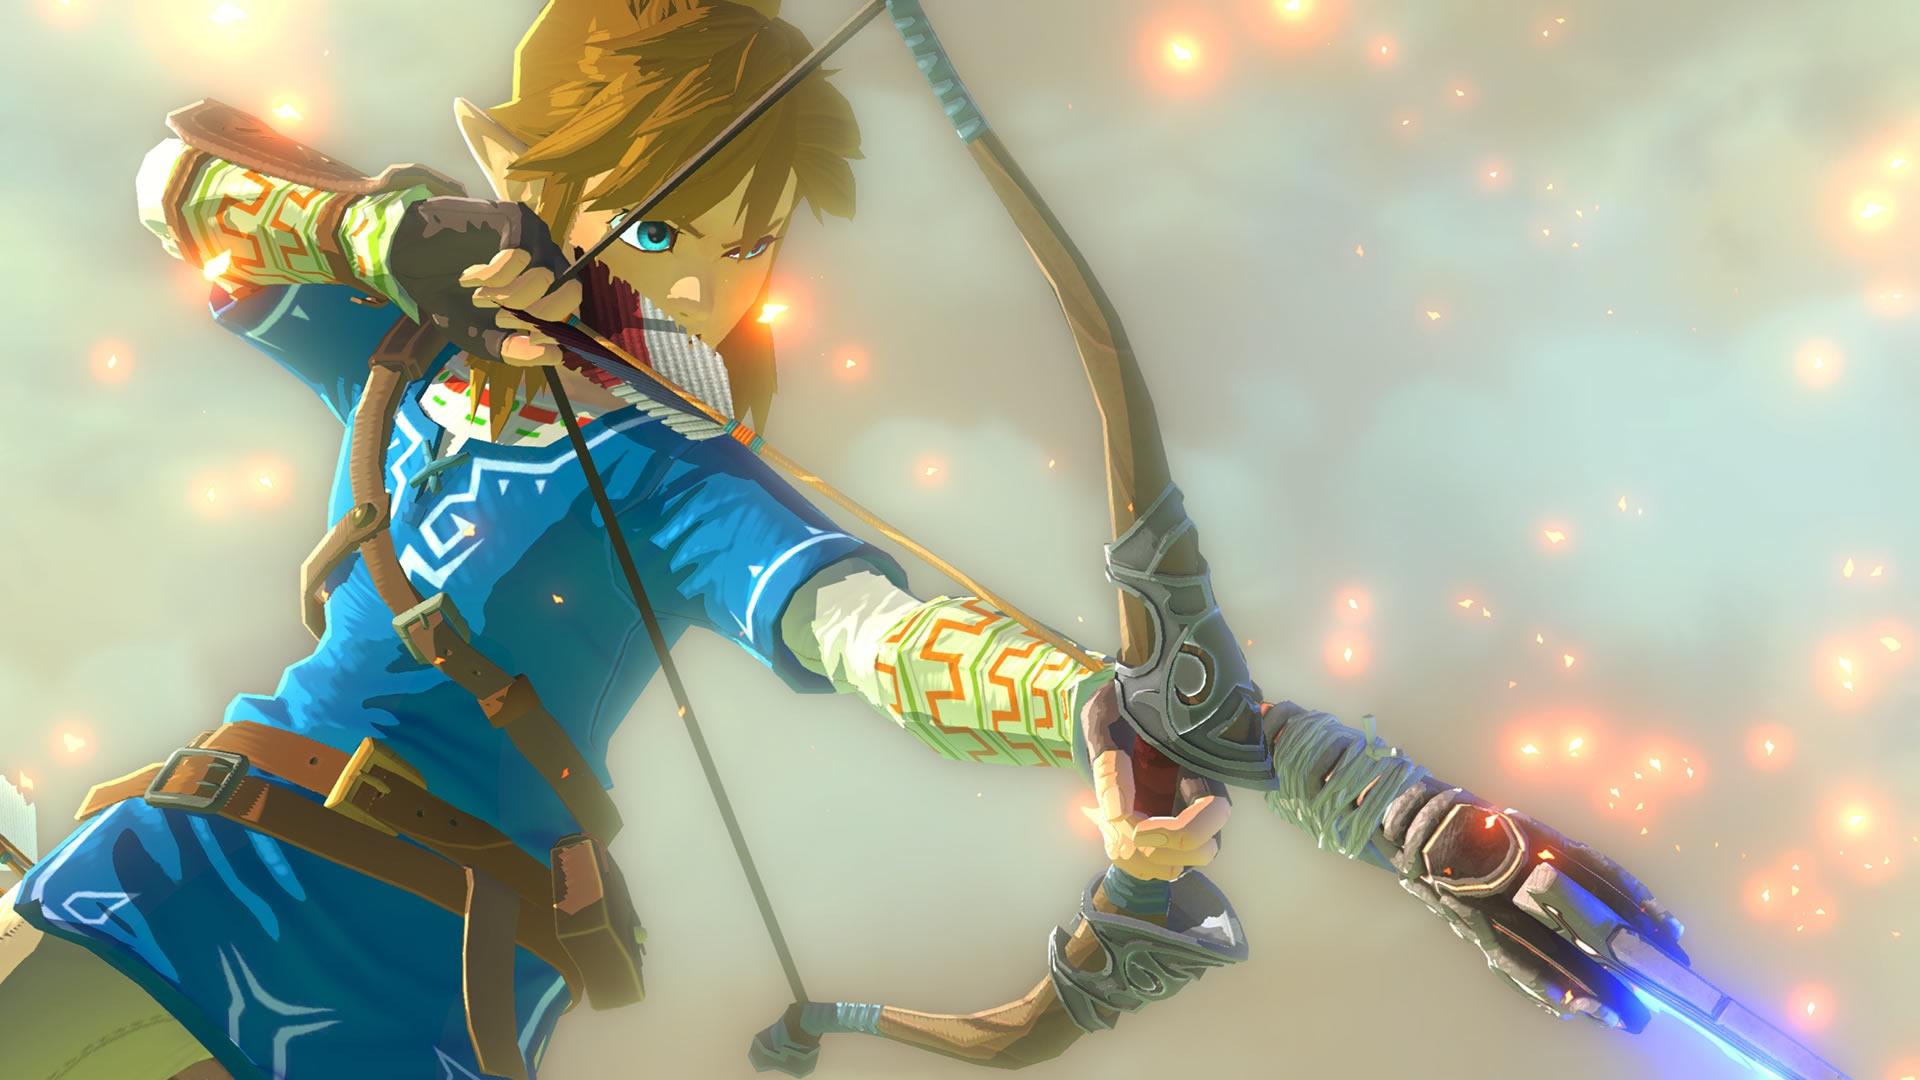 1080p Zelda Wallpaper